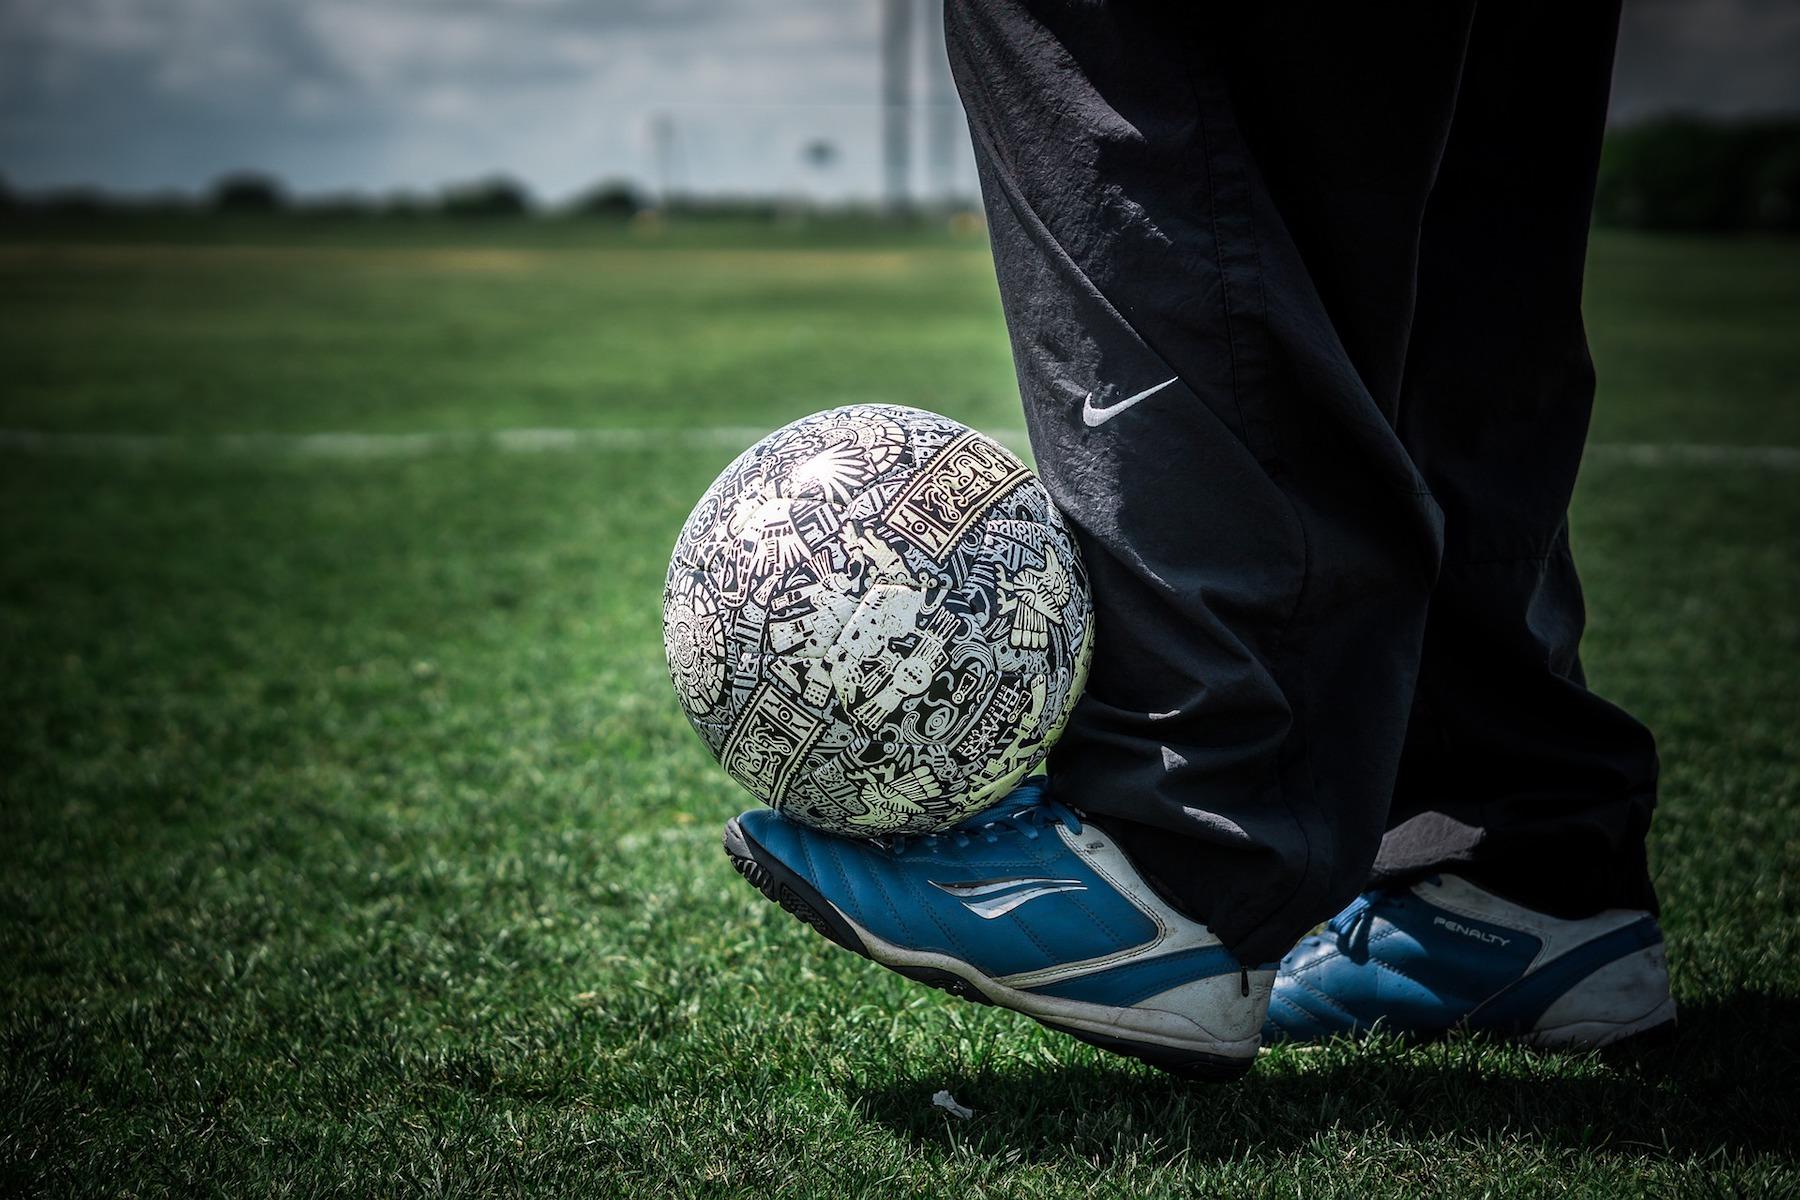 soccer-5065616 1920